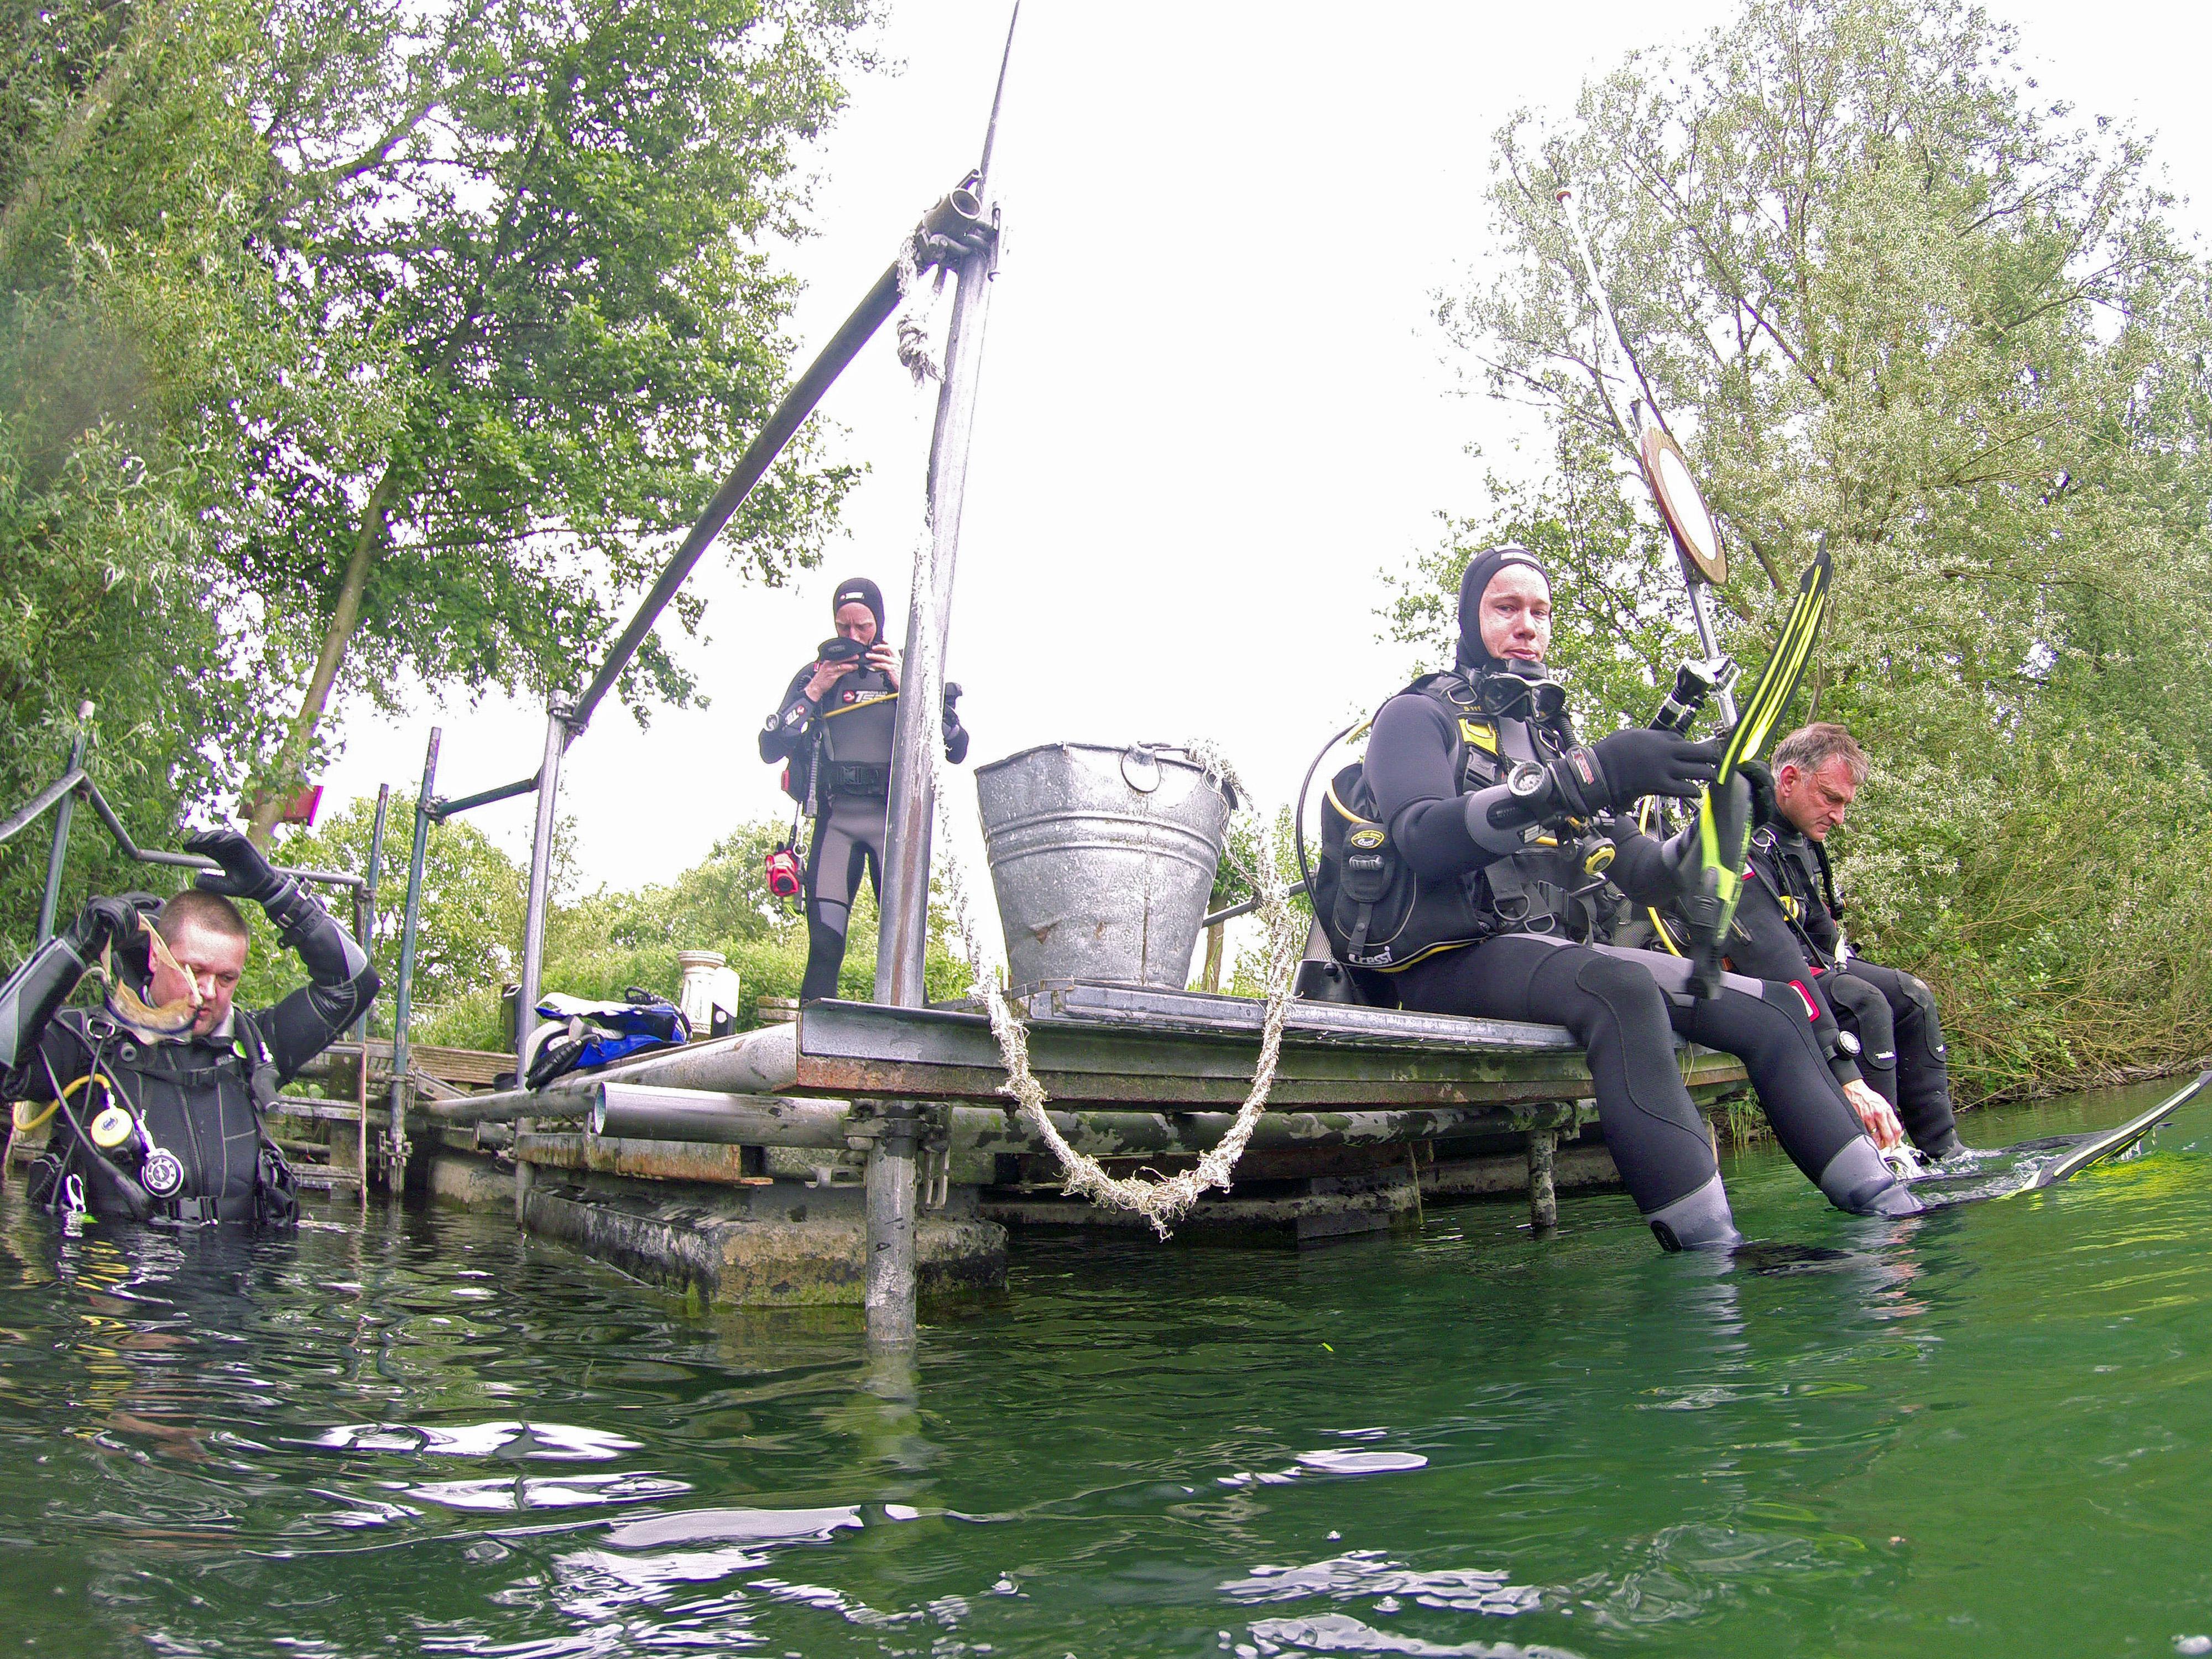 De Calypso duikers maken zich klaar voor een duik in de Beldert